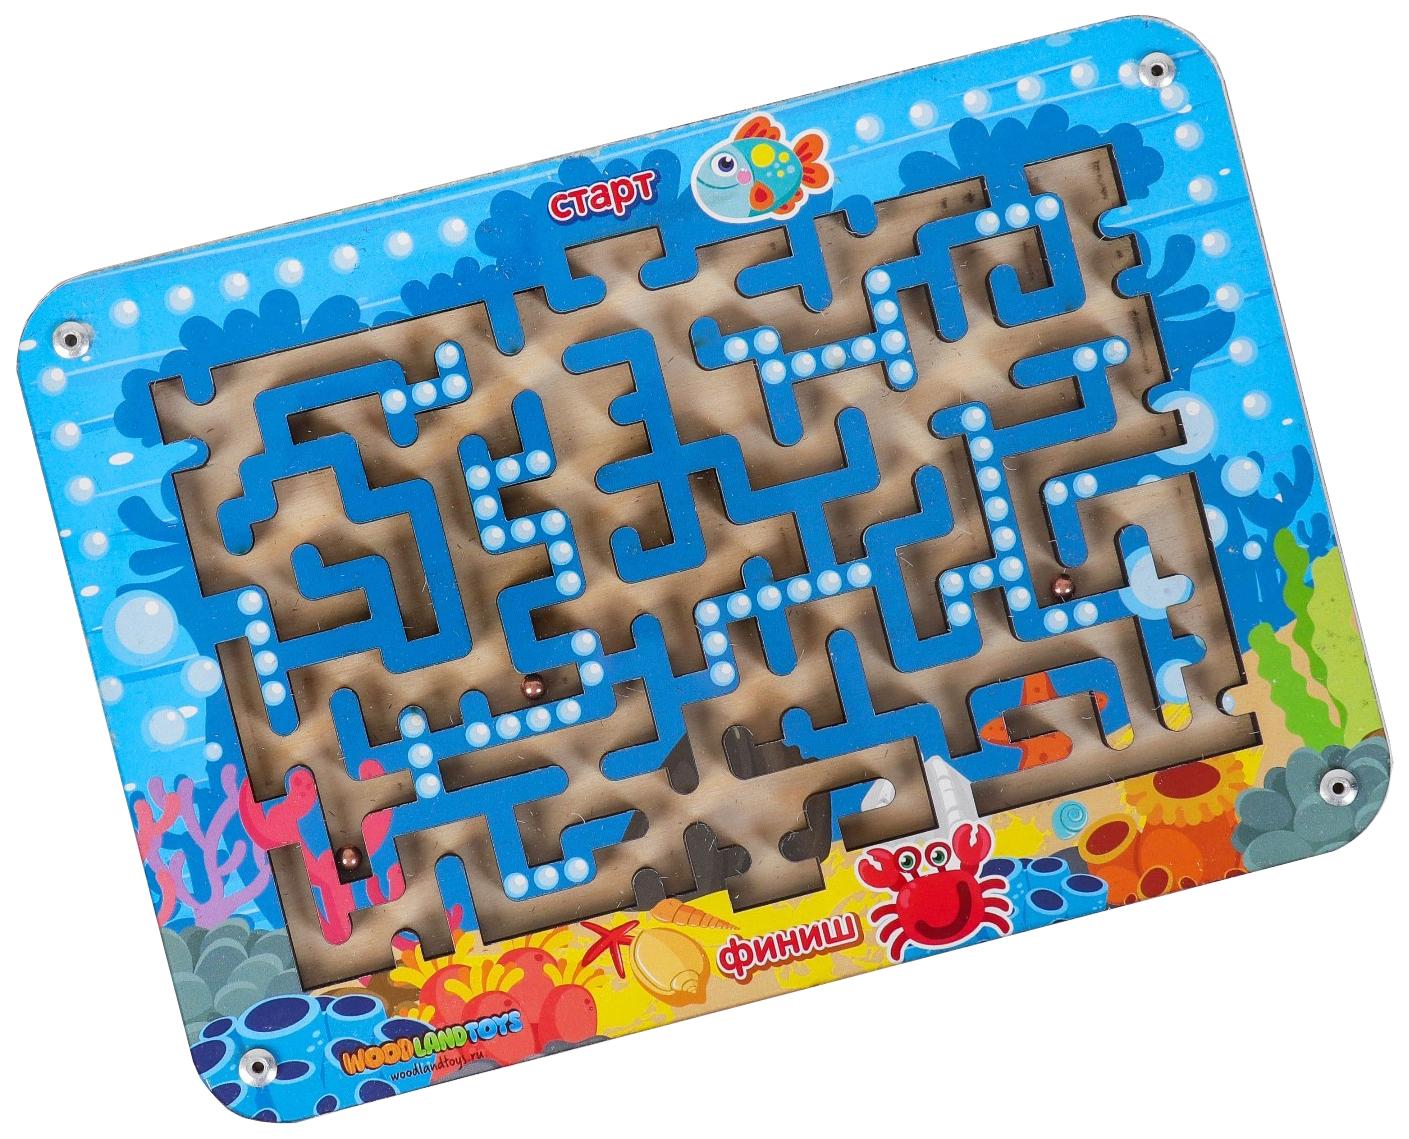 Купить Лабиринт маленький 1 (018101) Woodland (Сибирский сувенир), Игрушки головоломки